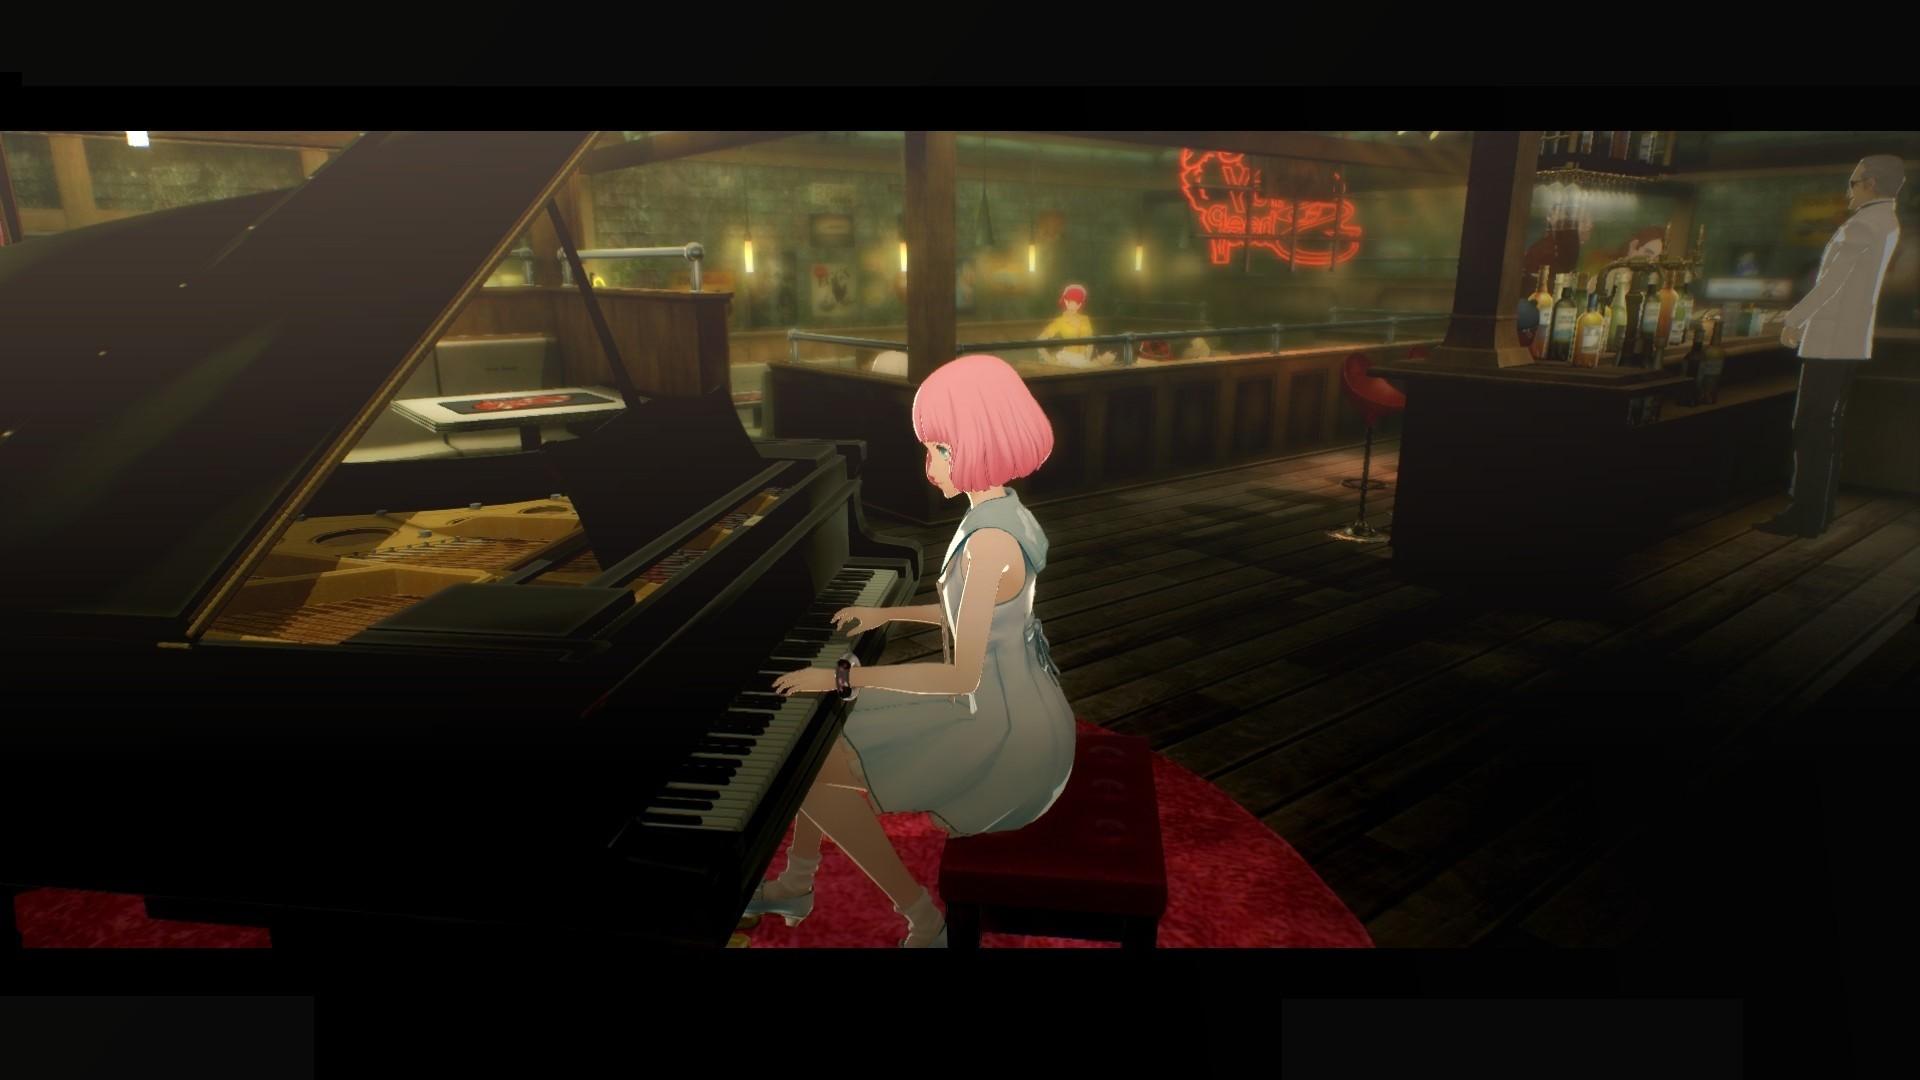 Qatherine, mejor conocida como Rin, es el nuevo personaje